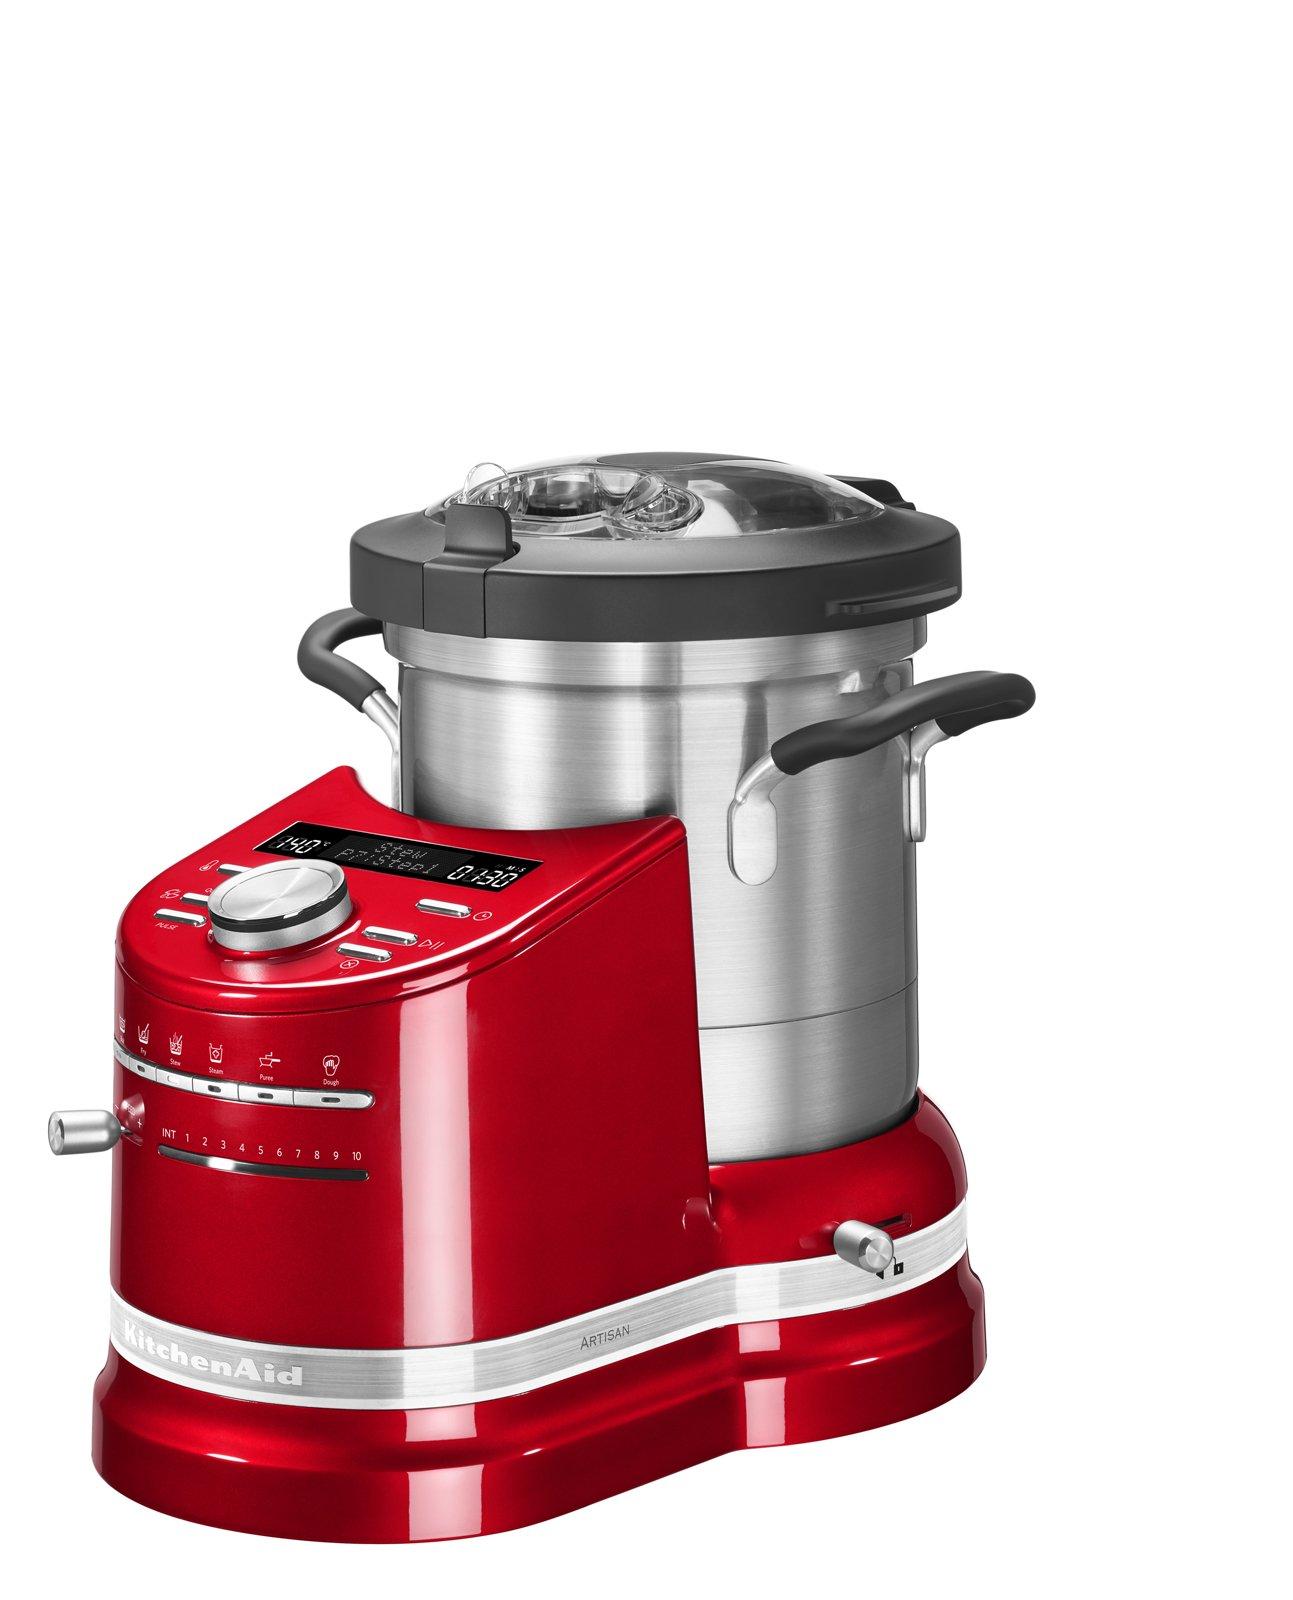 Bimby Robot Cucina Usato | Bimby Per Cucinare Prezzo Best Bimby Da ...